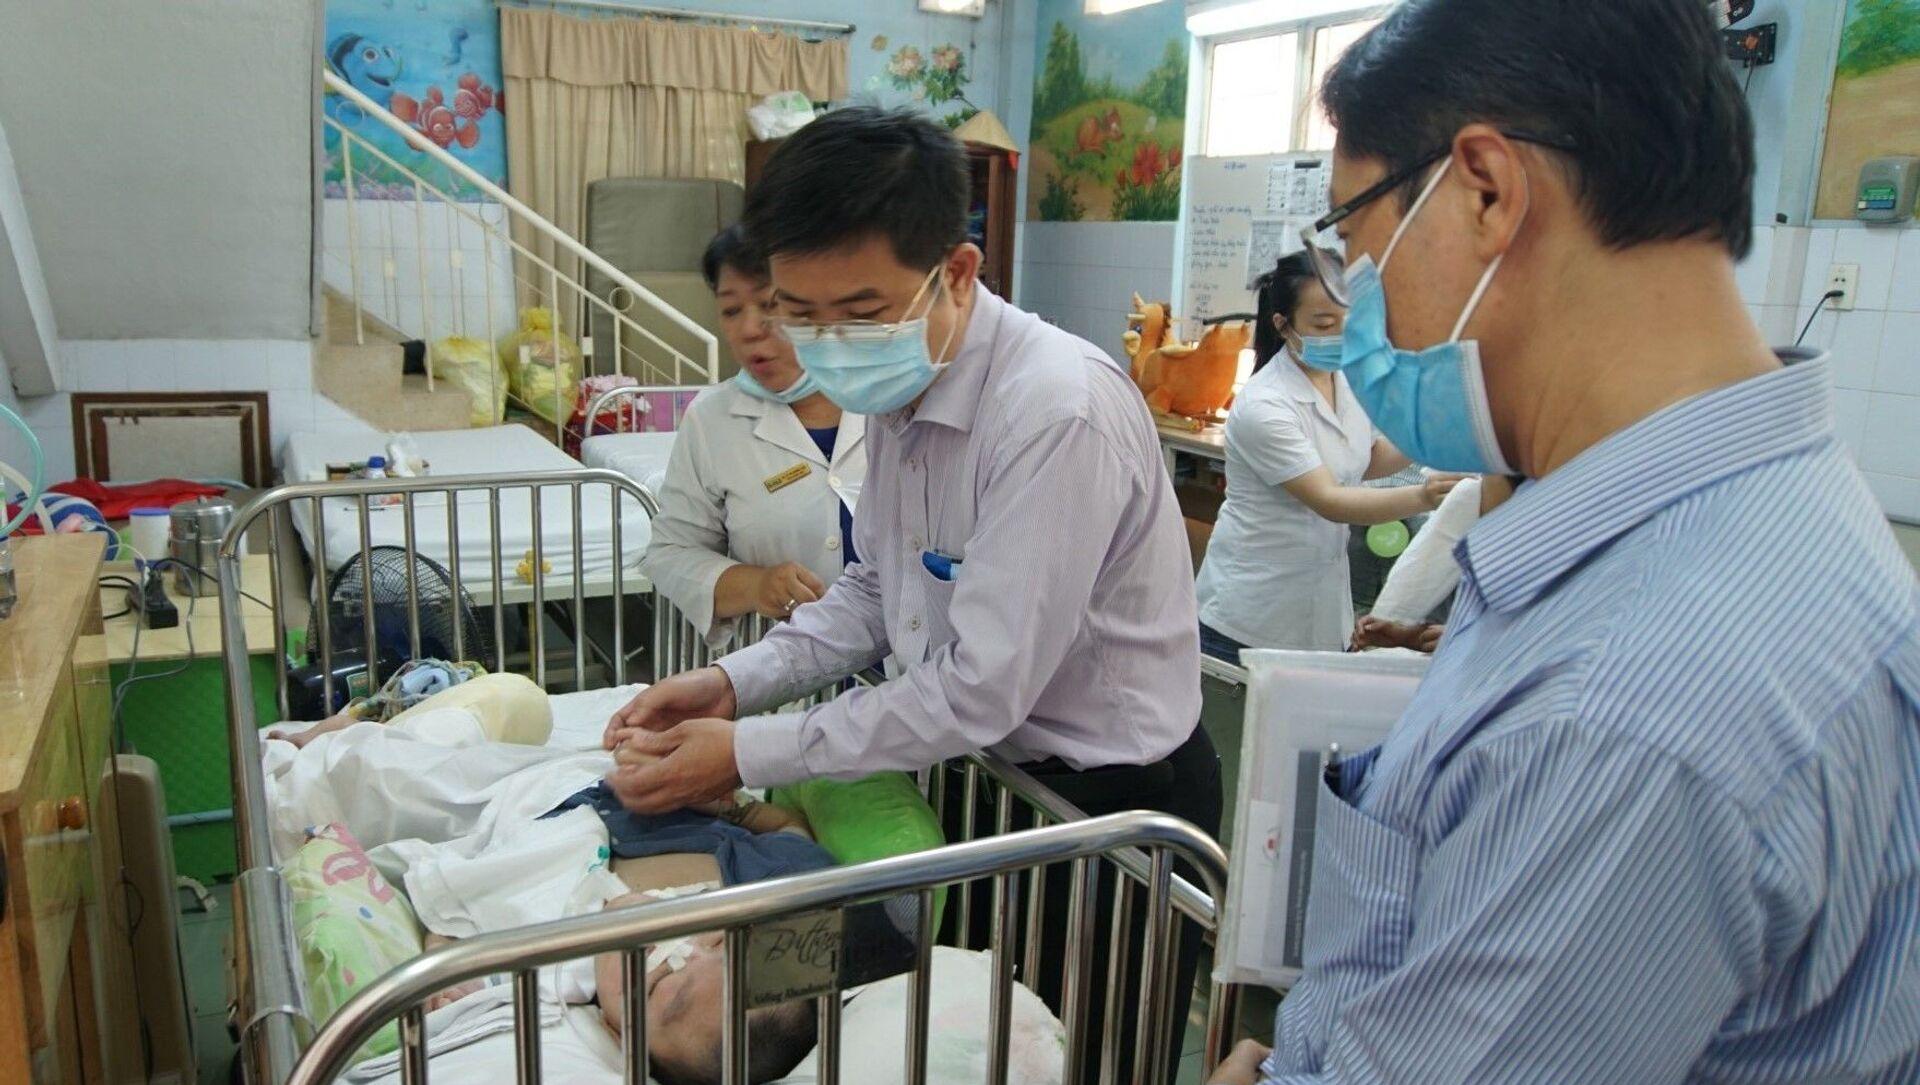 Phó Giáo sư Nguyễn Thanh Hiệp thăm trẻ em mồ côi tại Trung tâm bảo trợ trẻ tàn tật-mồ côi Thị Nghè. - Sputnik Việt Nam, 1920, 08.03.2021